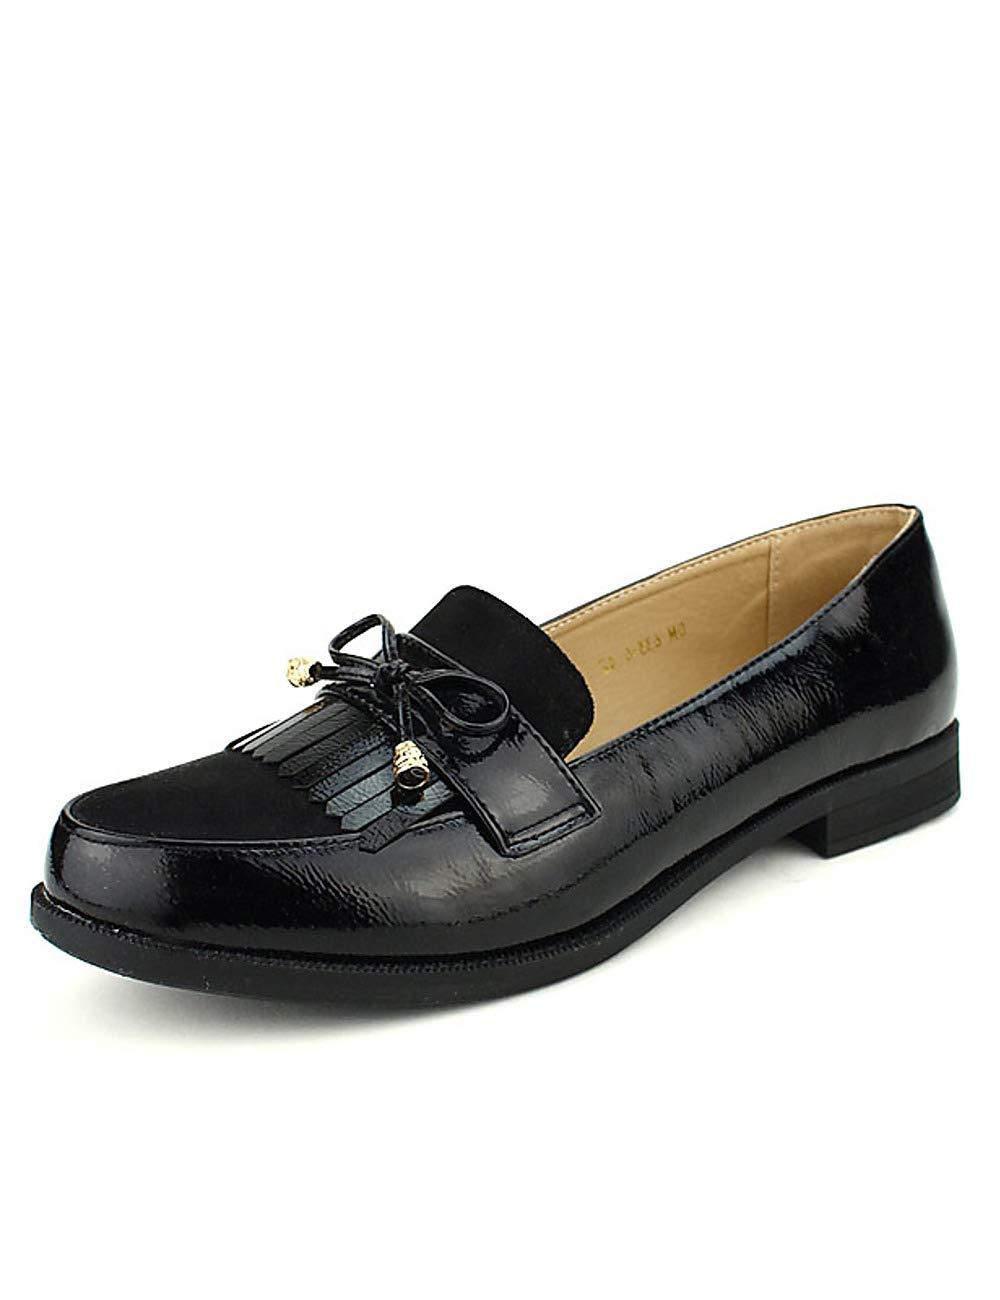 Cendriyon, CINKS Derbies Noires Noires CINKS Grande Pointure Chaussures Noir Femme Noir b016b6f - boatplans.space